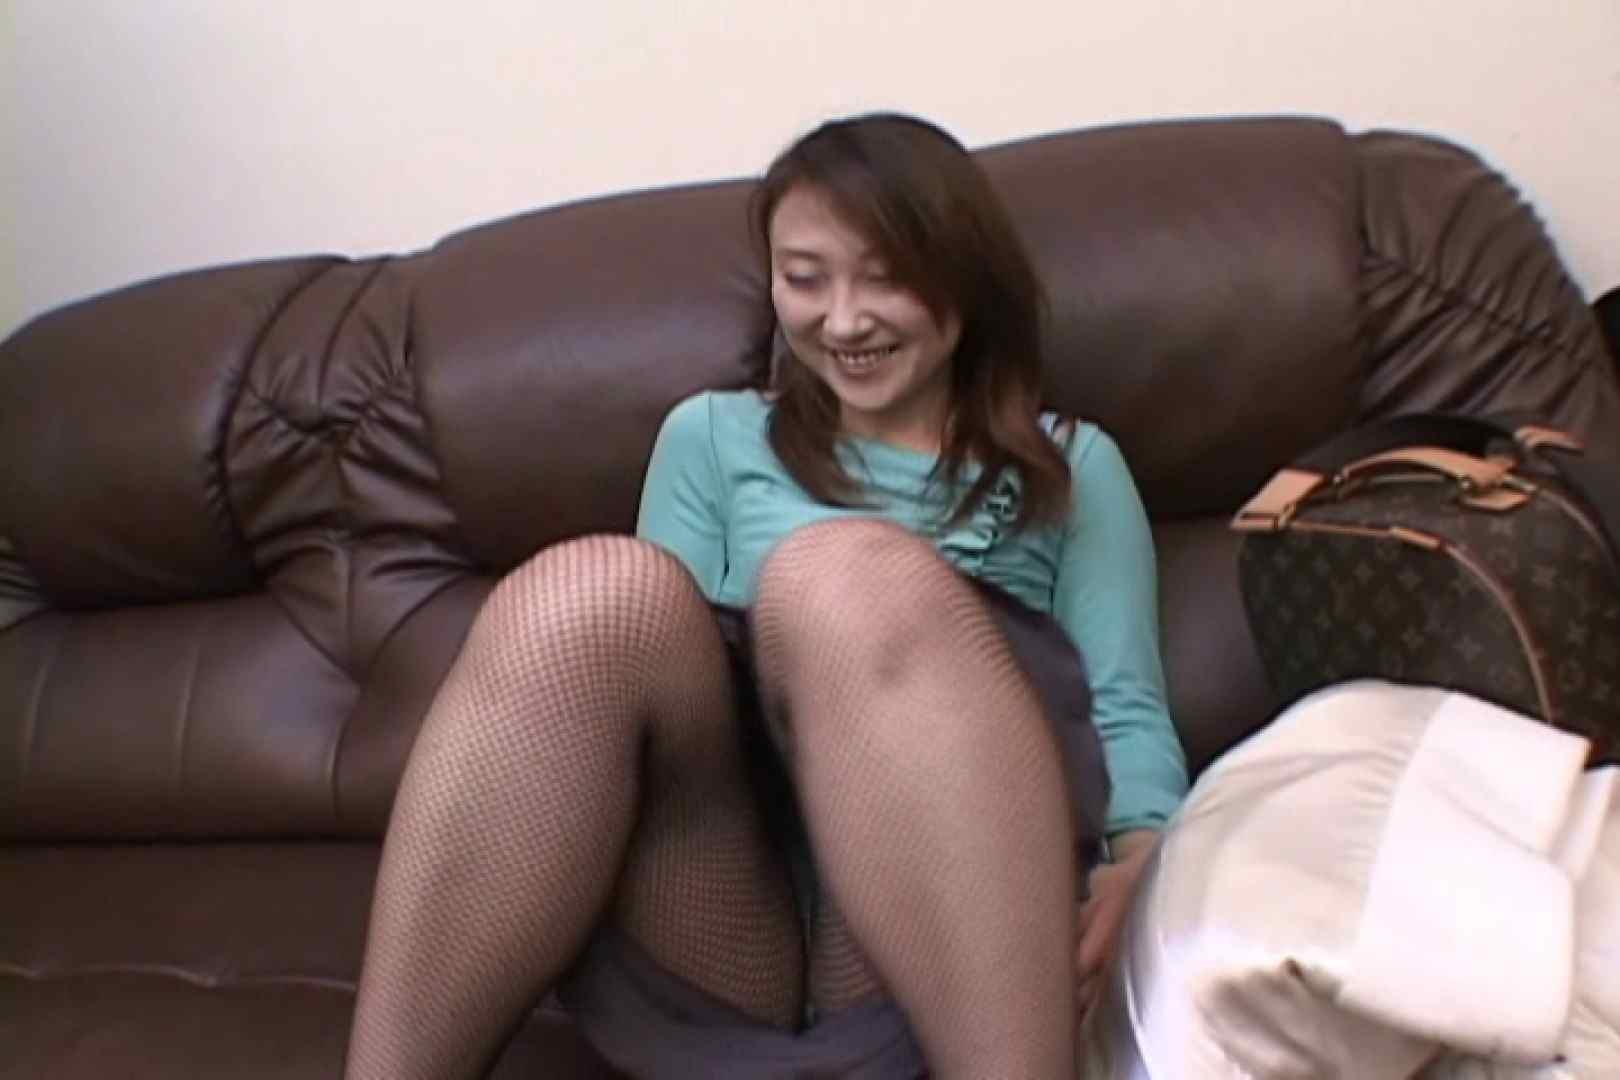 オナニー好きの綺麗なお姉さんと楽しくSEX~姫野あかね~ 企画 | お姉さんのエロ生活  105連発 55